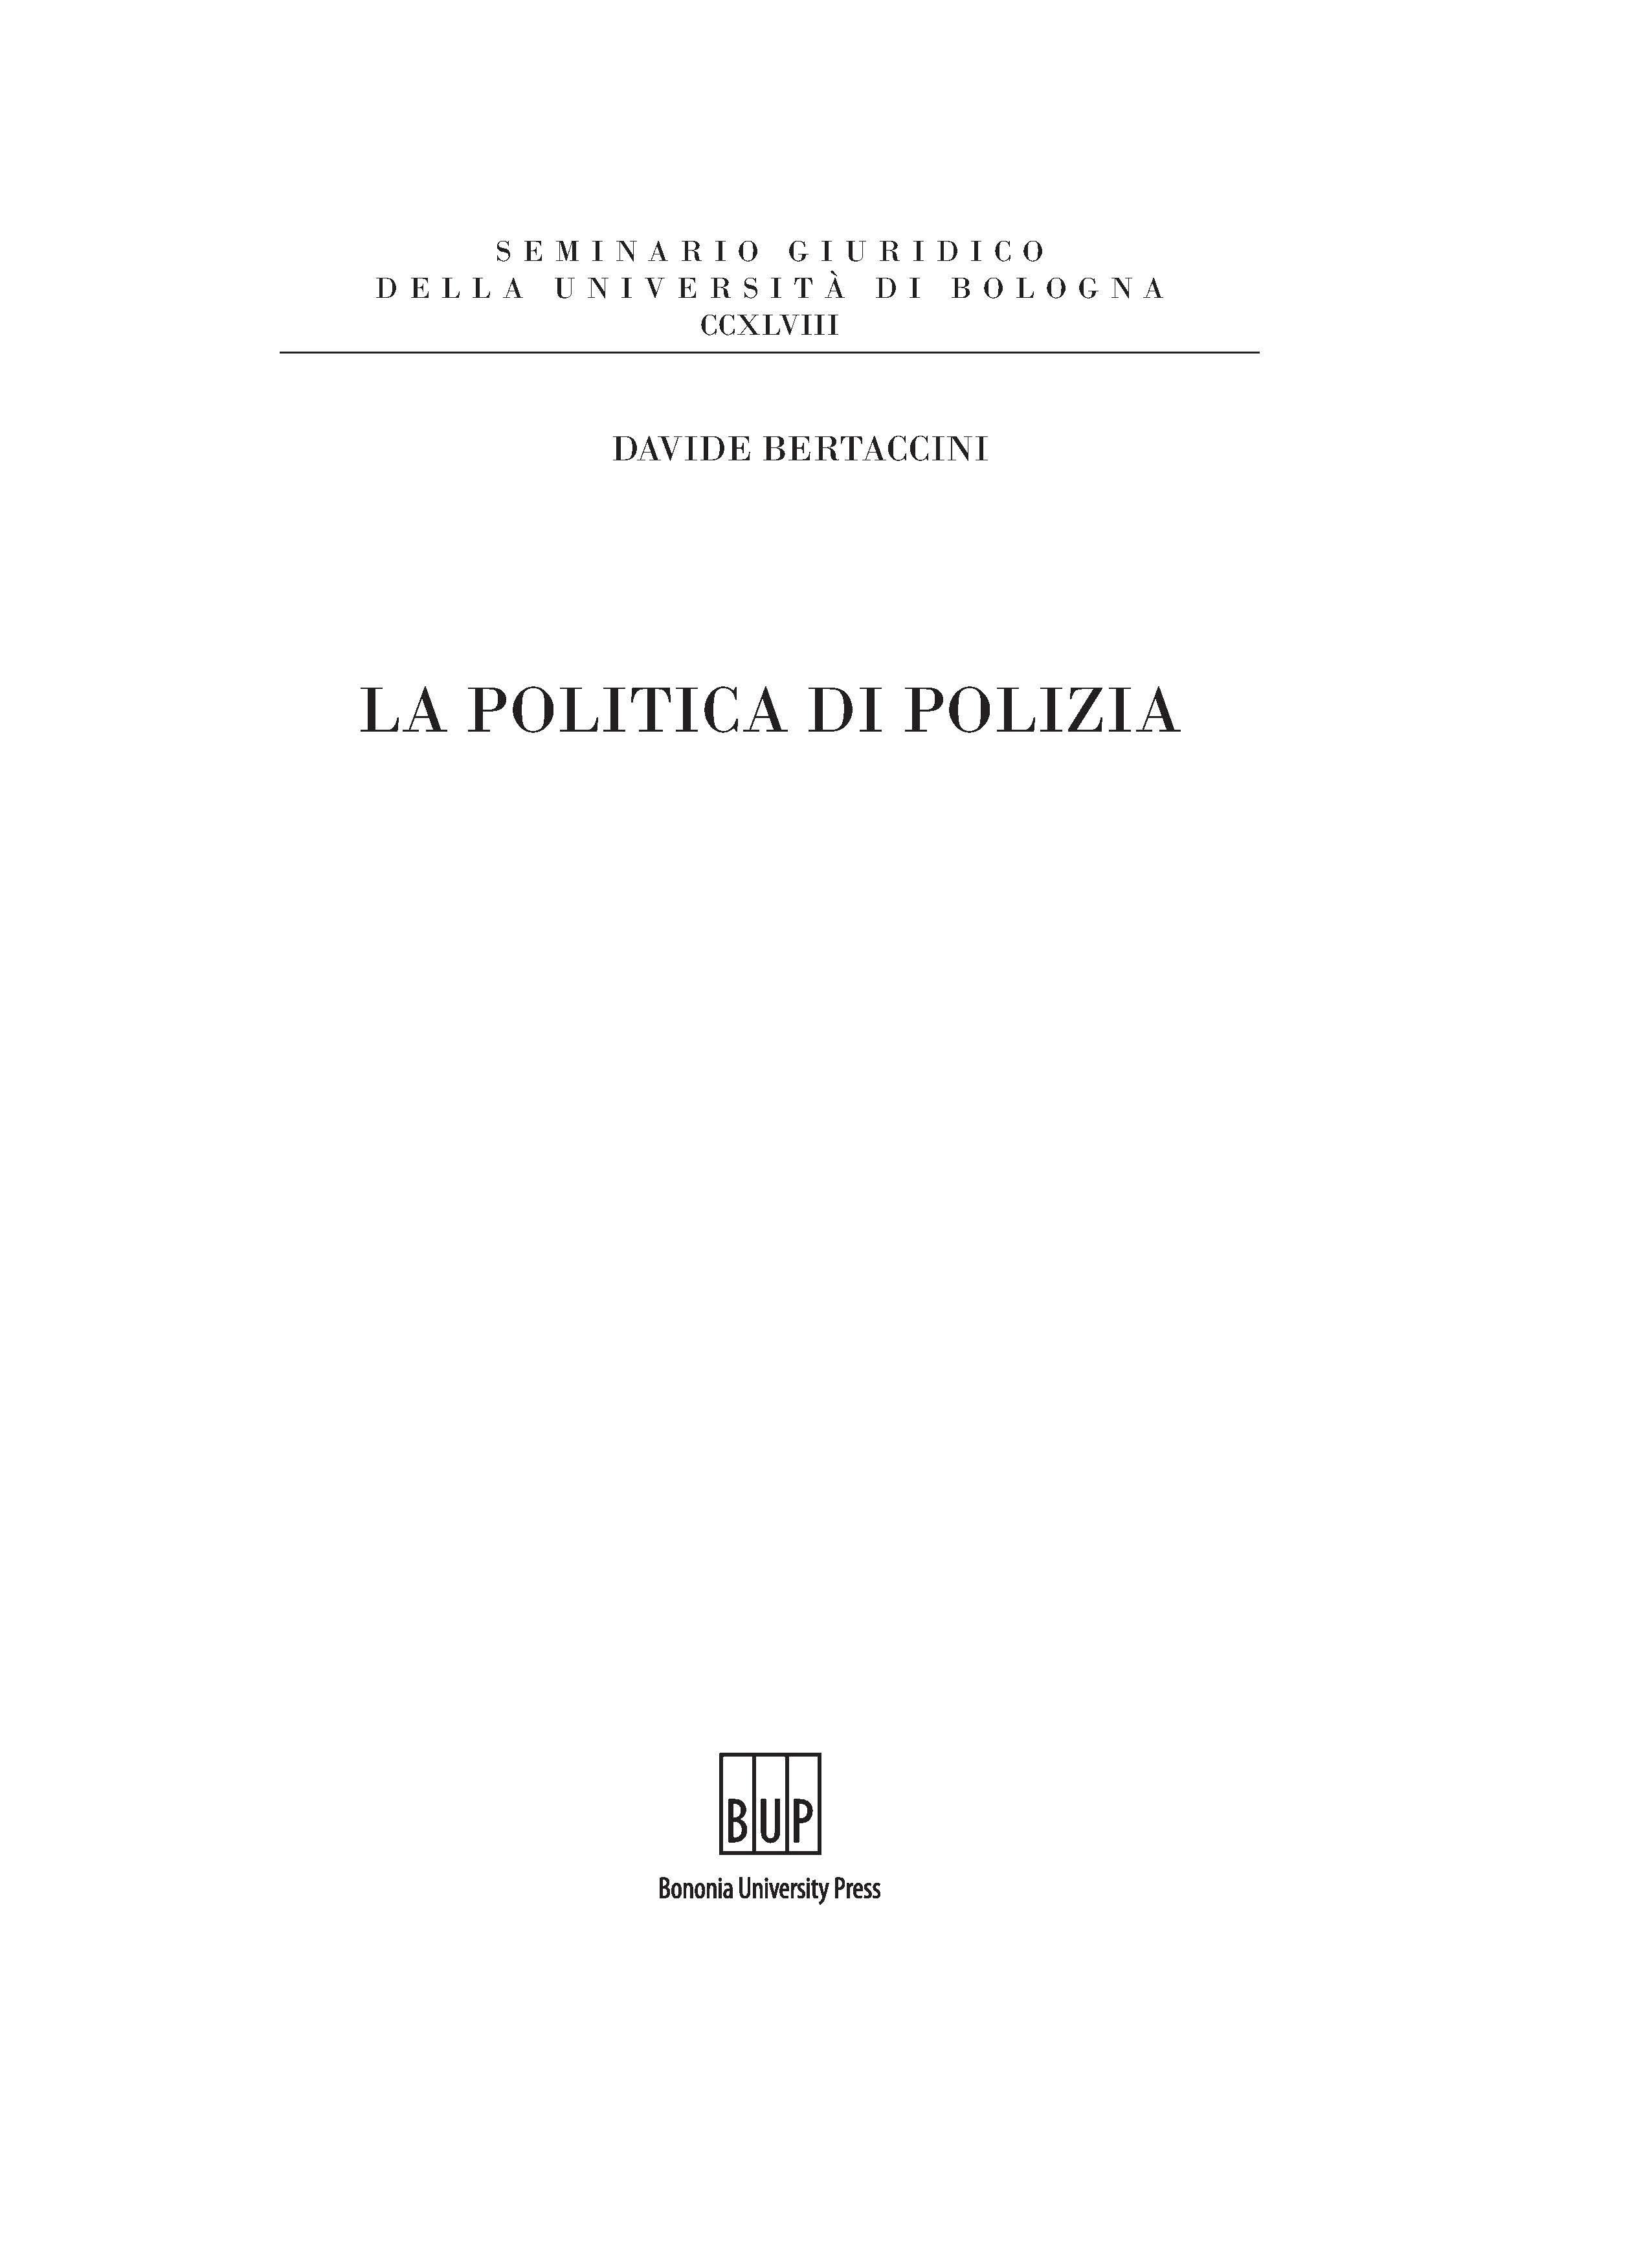 La politica di polizia - Bononia University Press